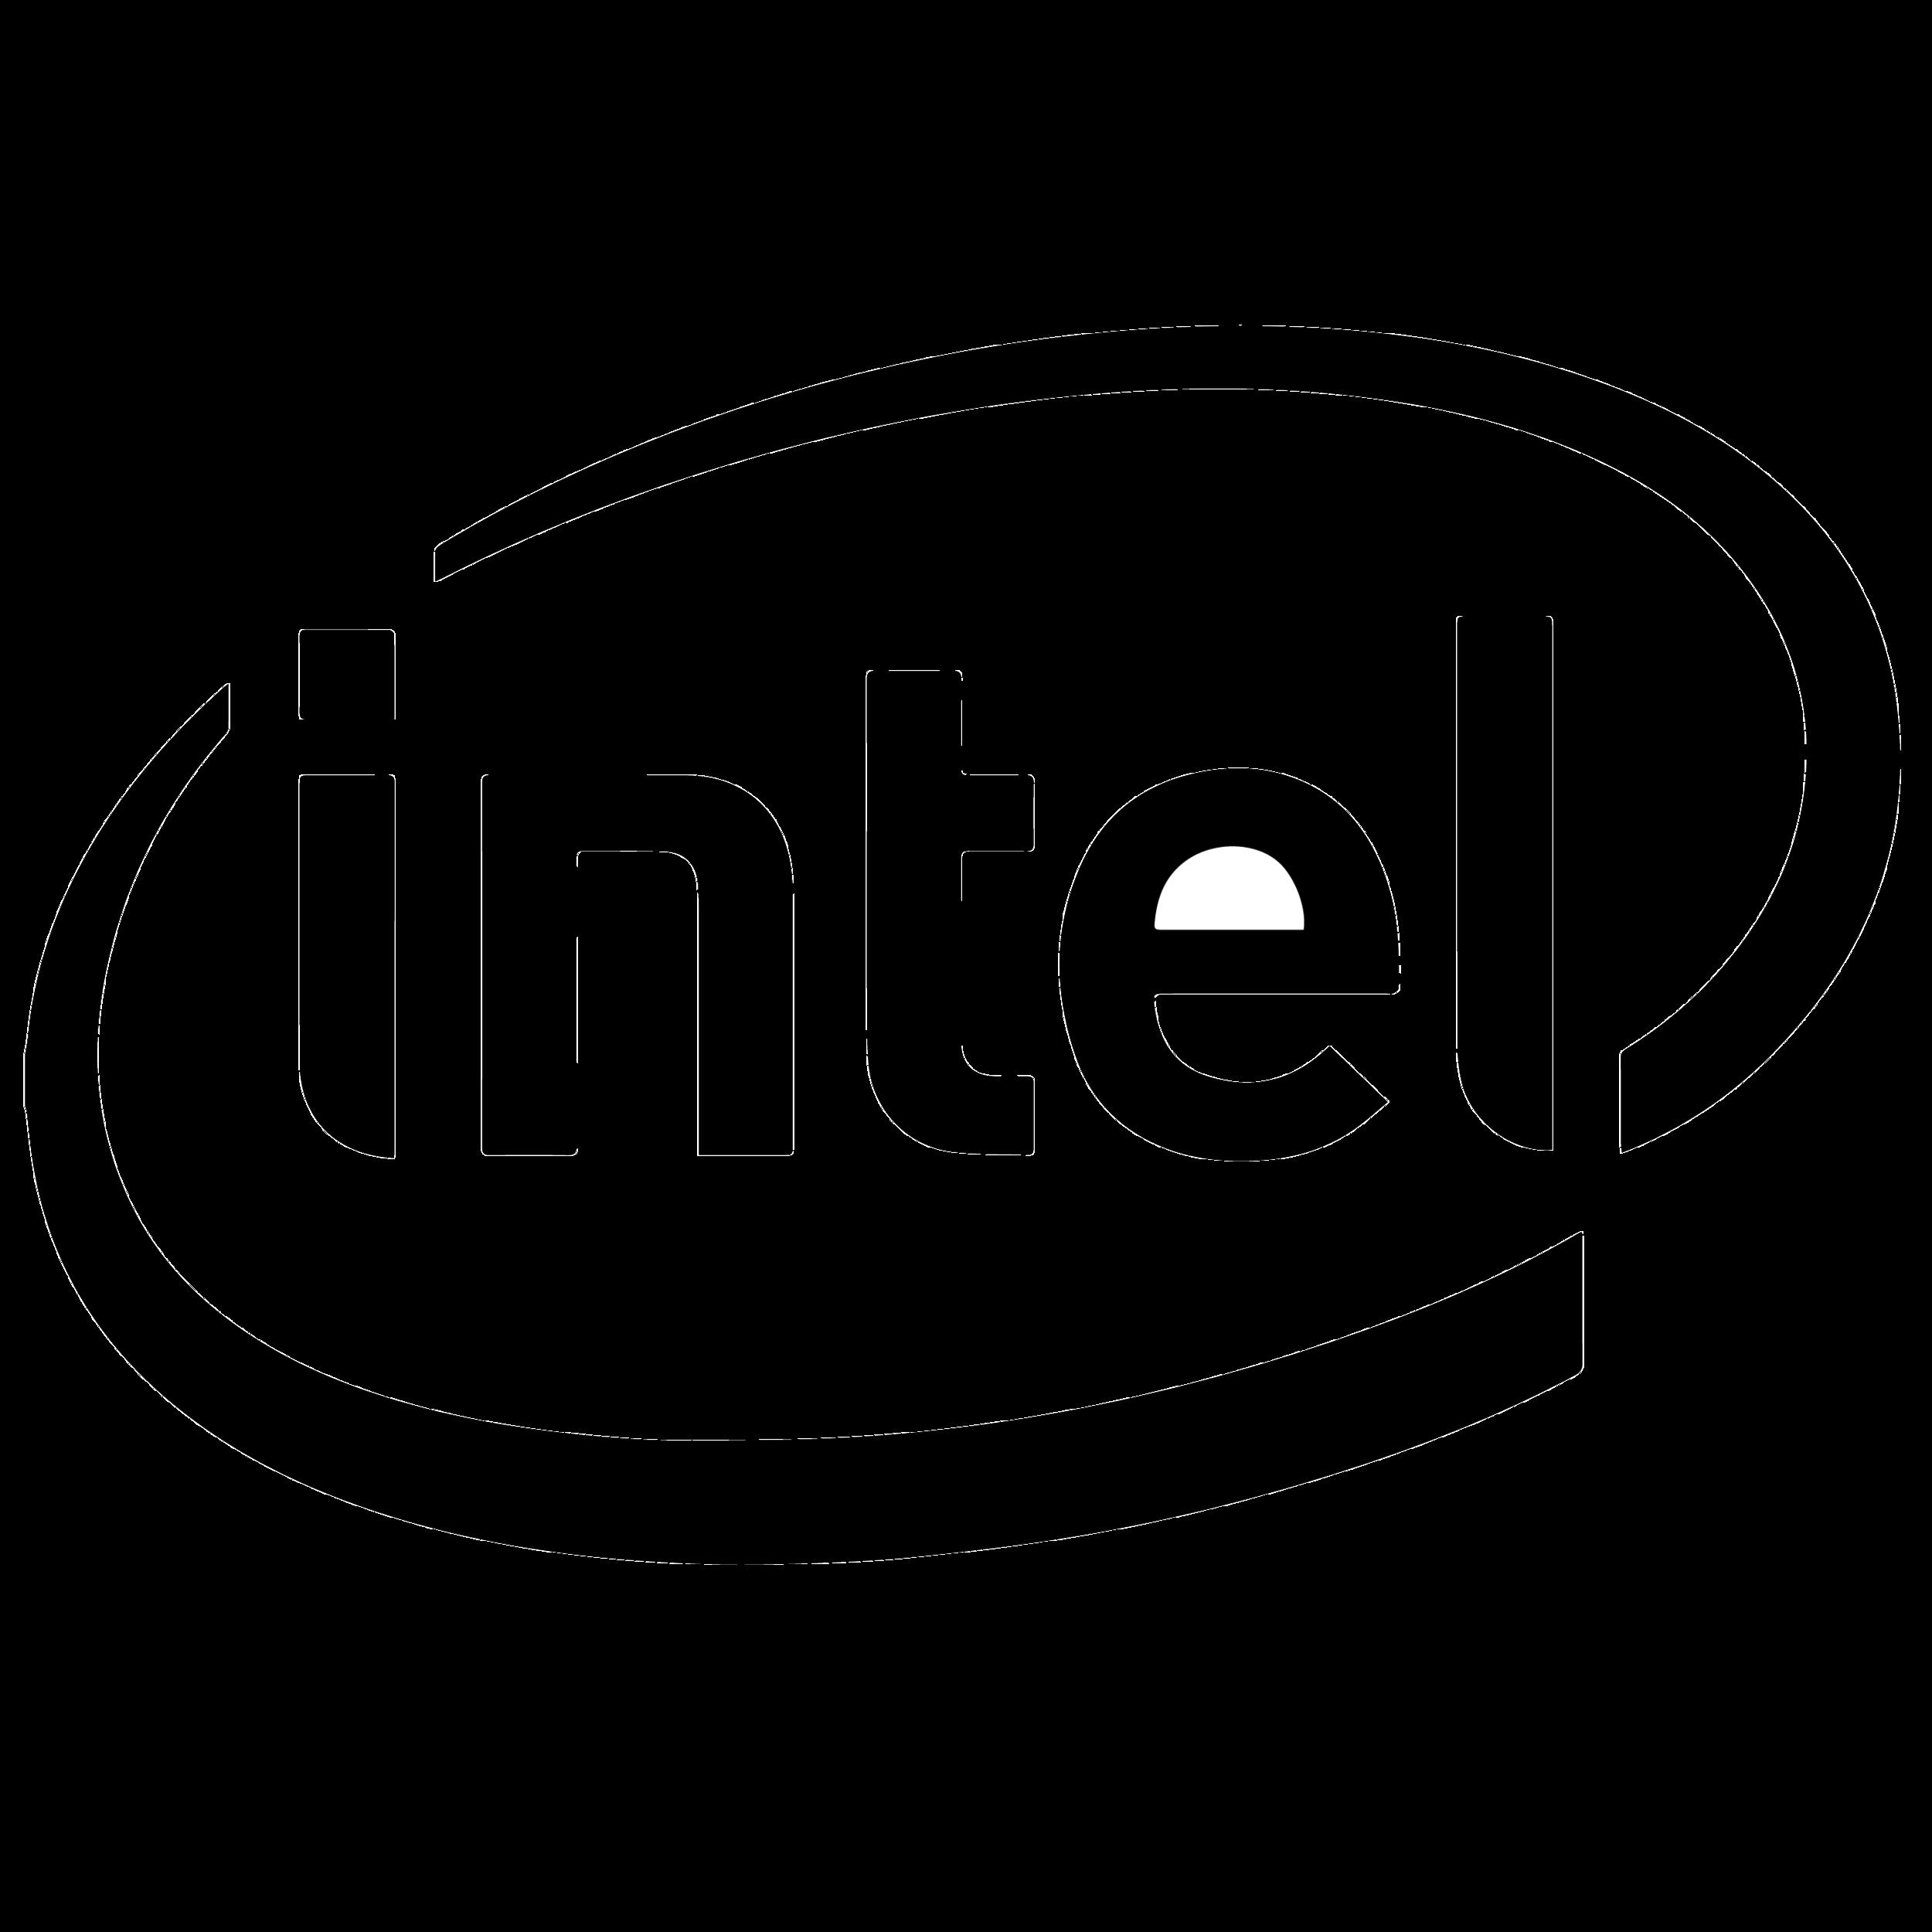 logo_002-01.png